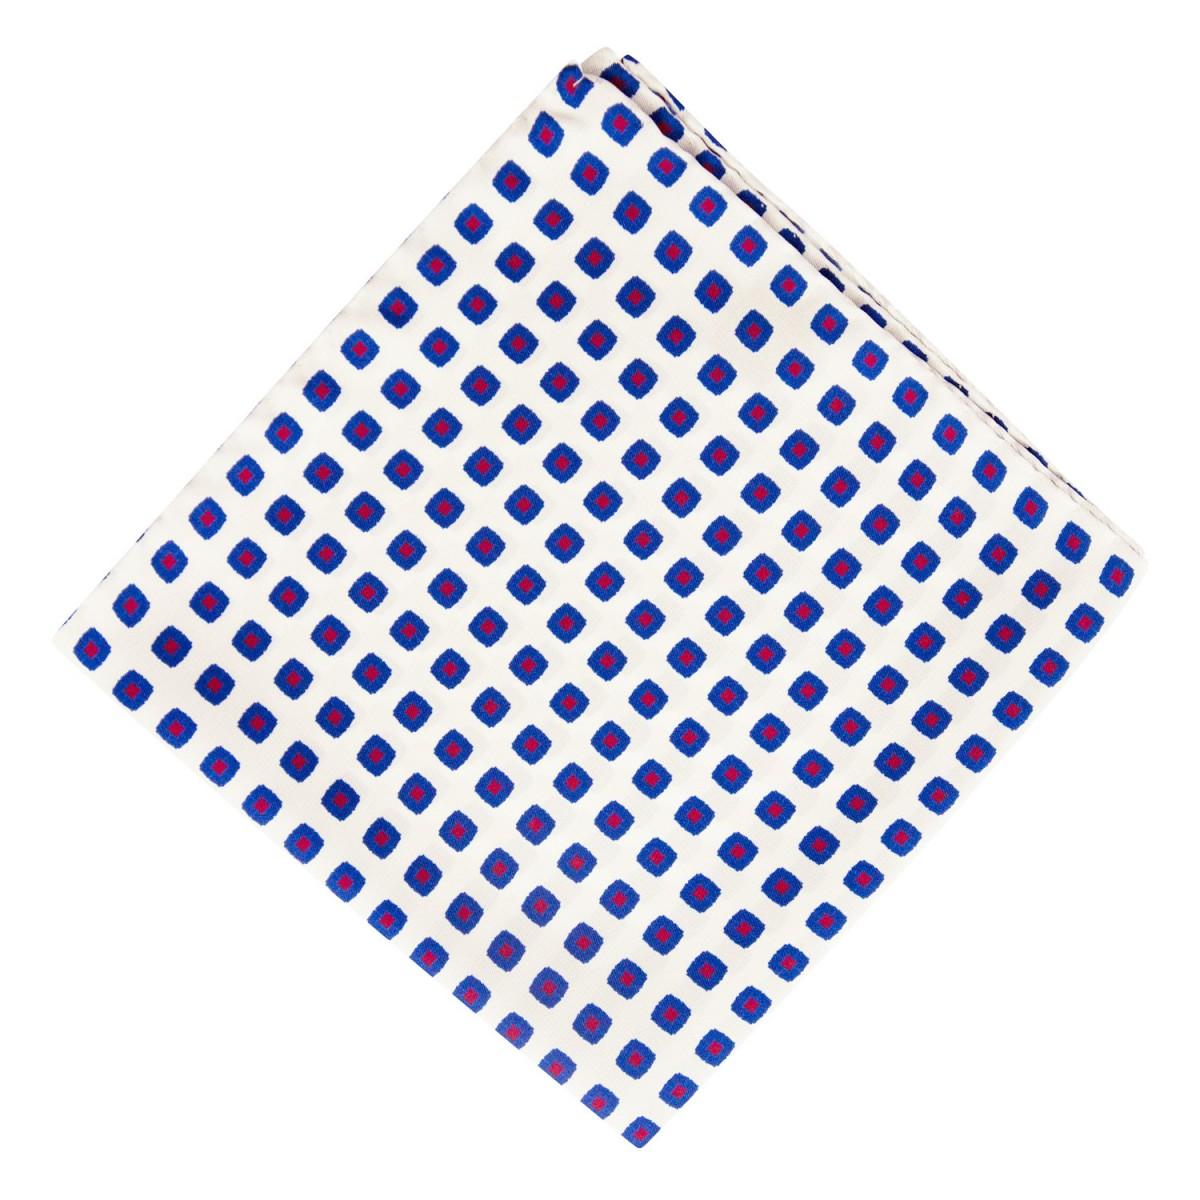 Panuelo-Blanco-Dibujo-Azul-y-Rojo